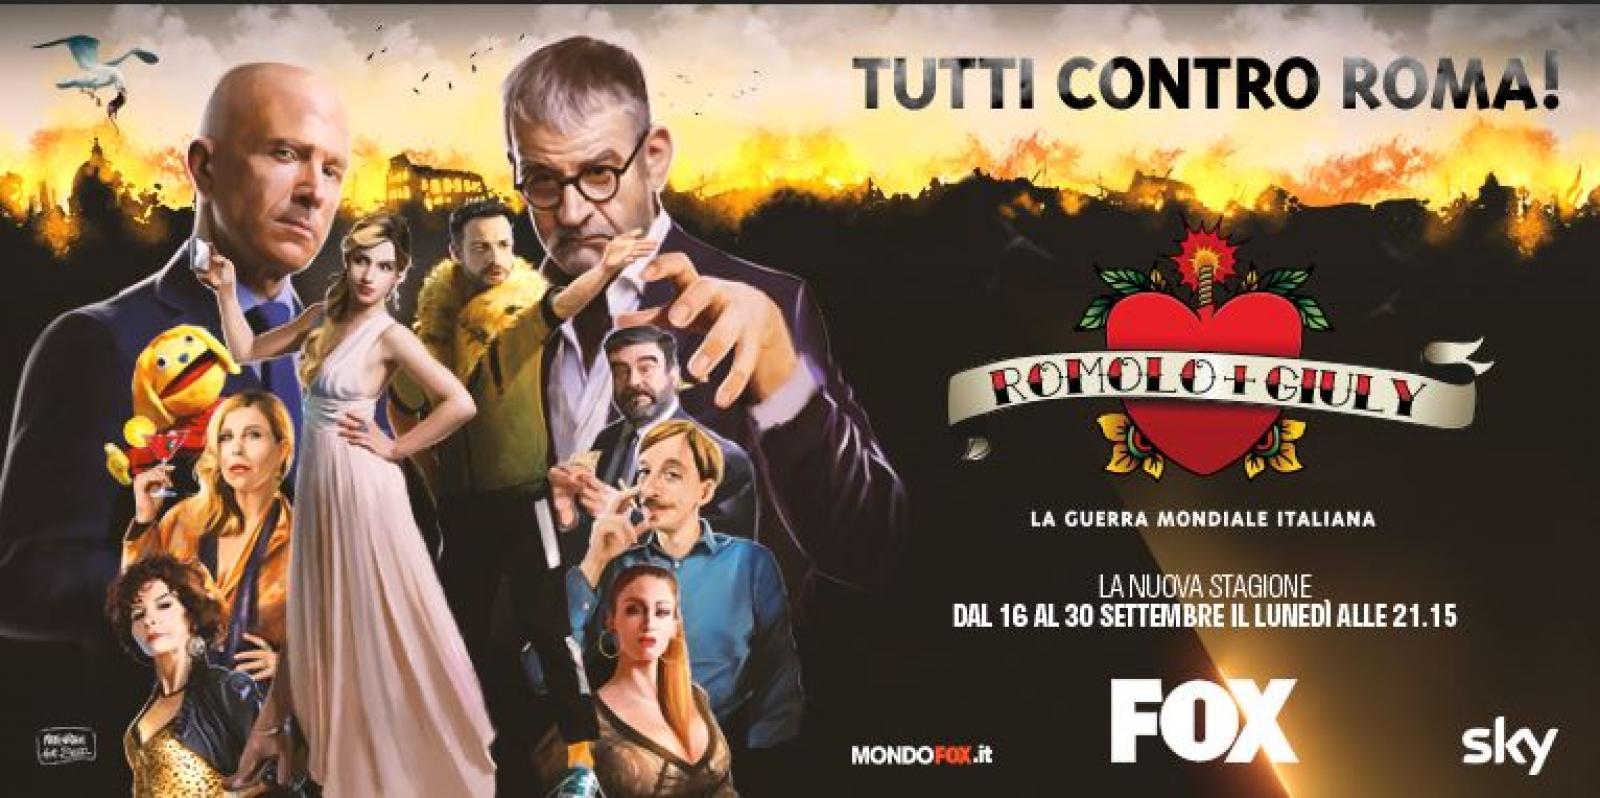 Romolo e Giuly stagione 2